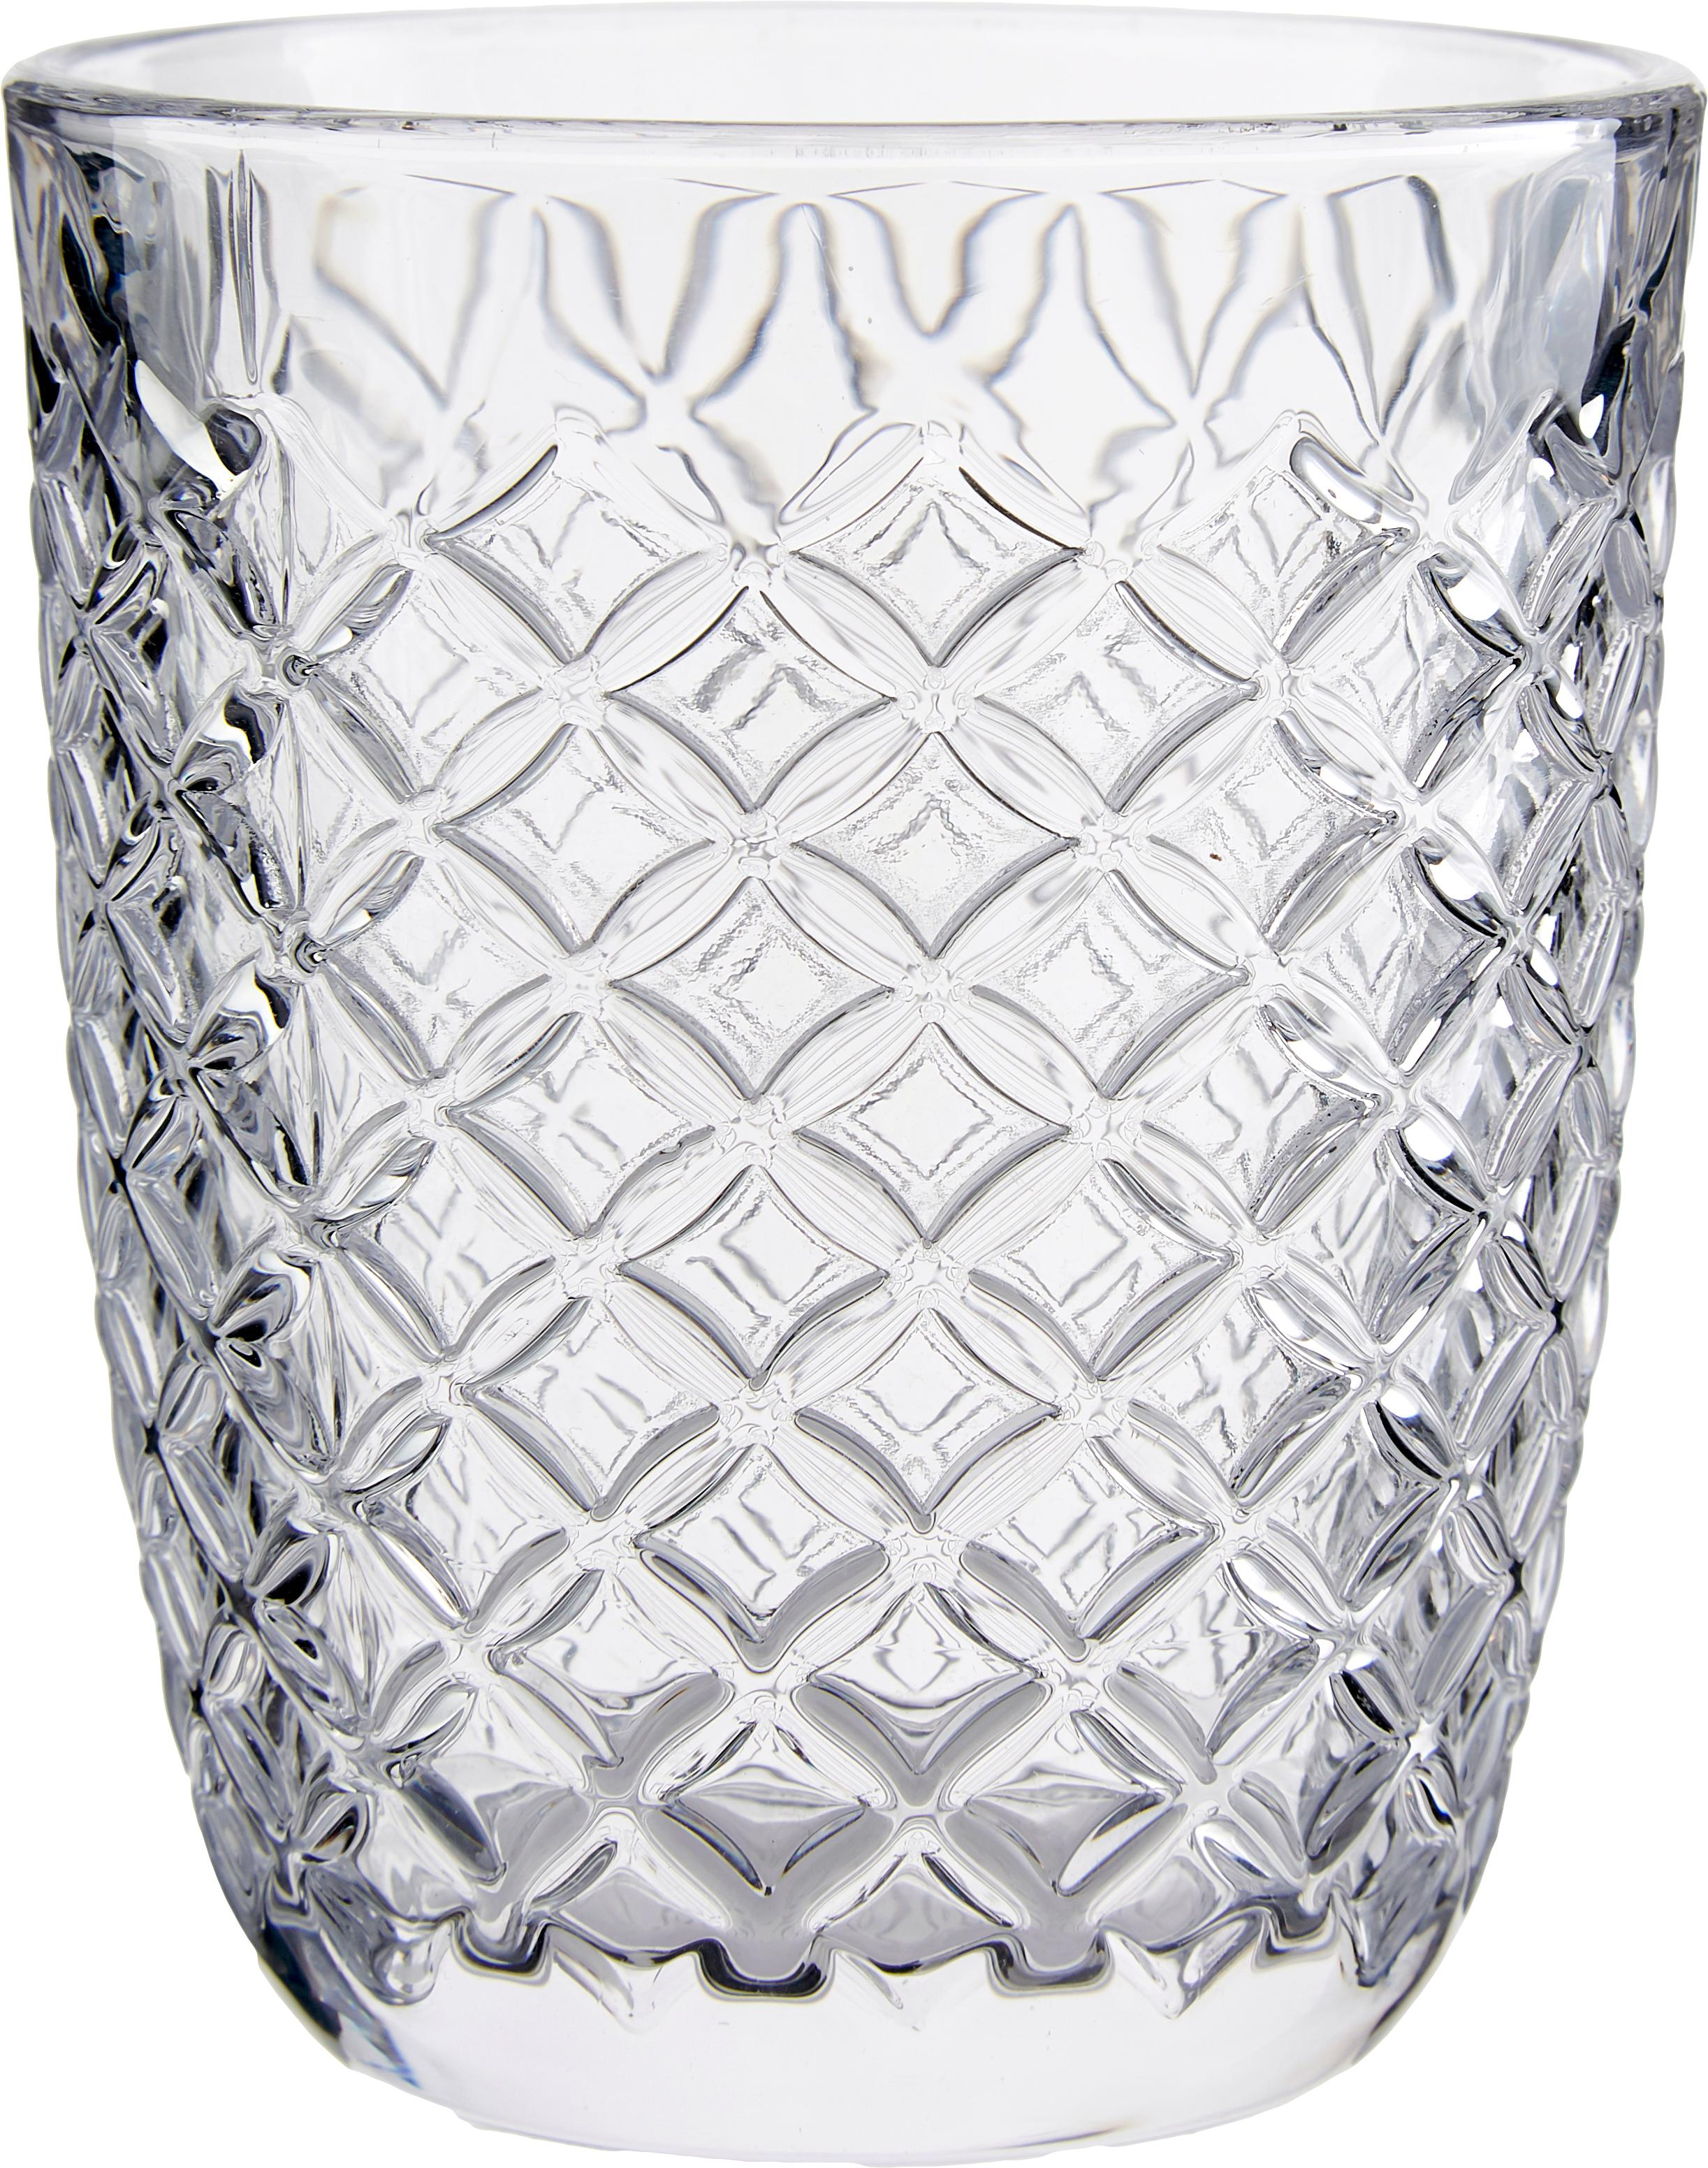 Vasos con relieve Arlequin, 6uds., Vidrio, Transparente, 250 ml